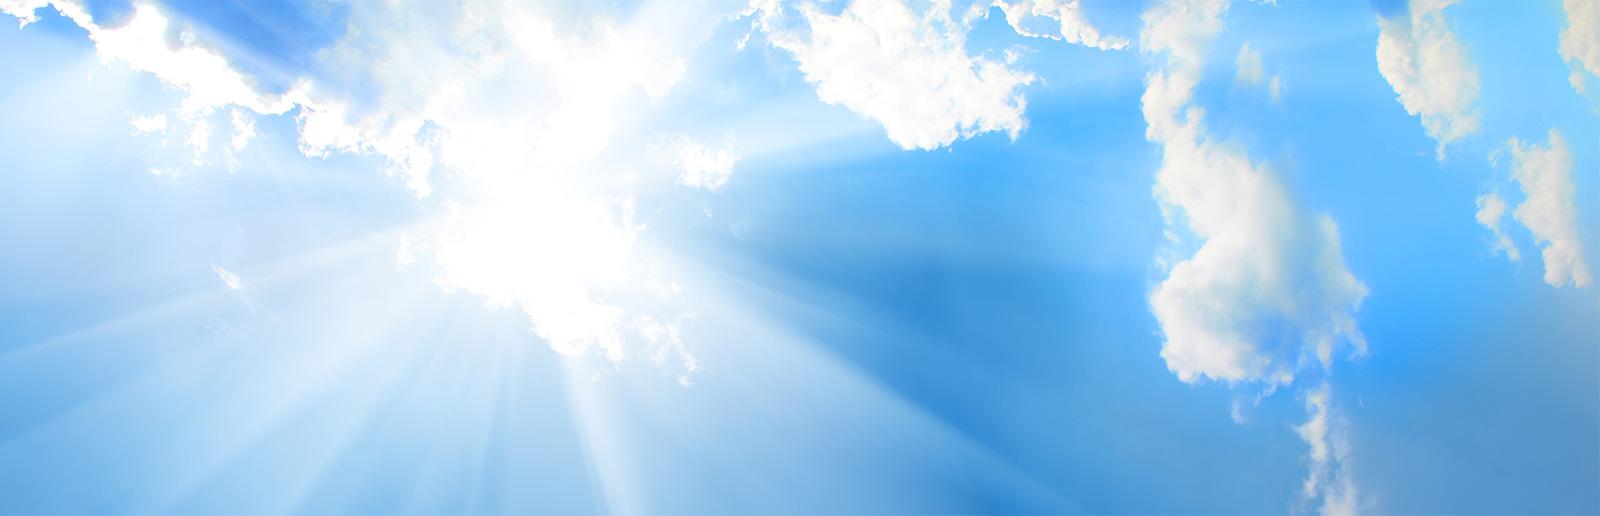 Rollladen- und Sonnenschutztag